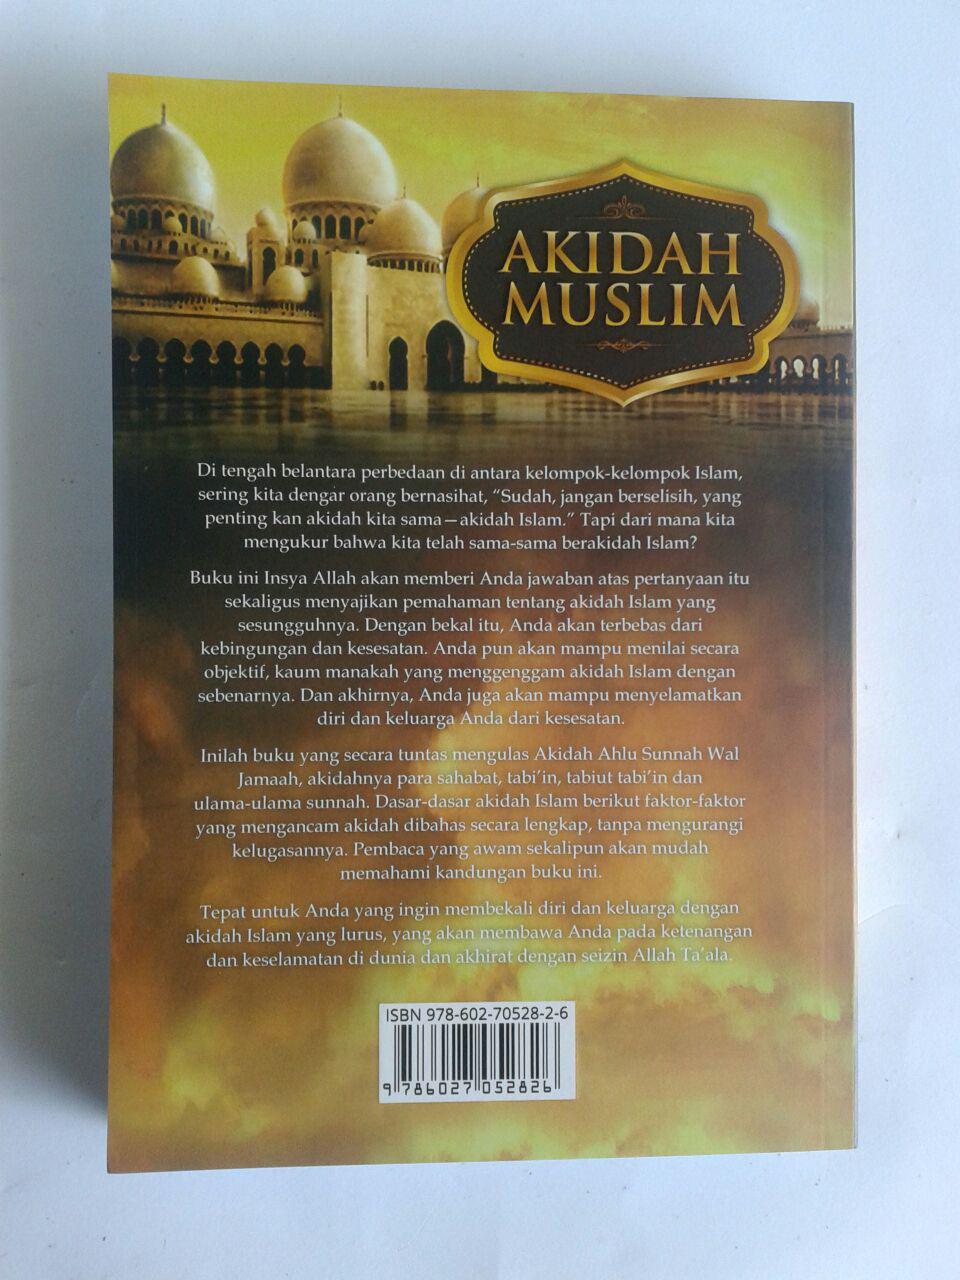 Buku Akidah Muslim Landasan Pokok Akidah Ahlussunnah cover